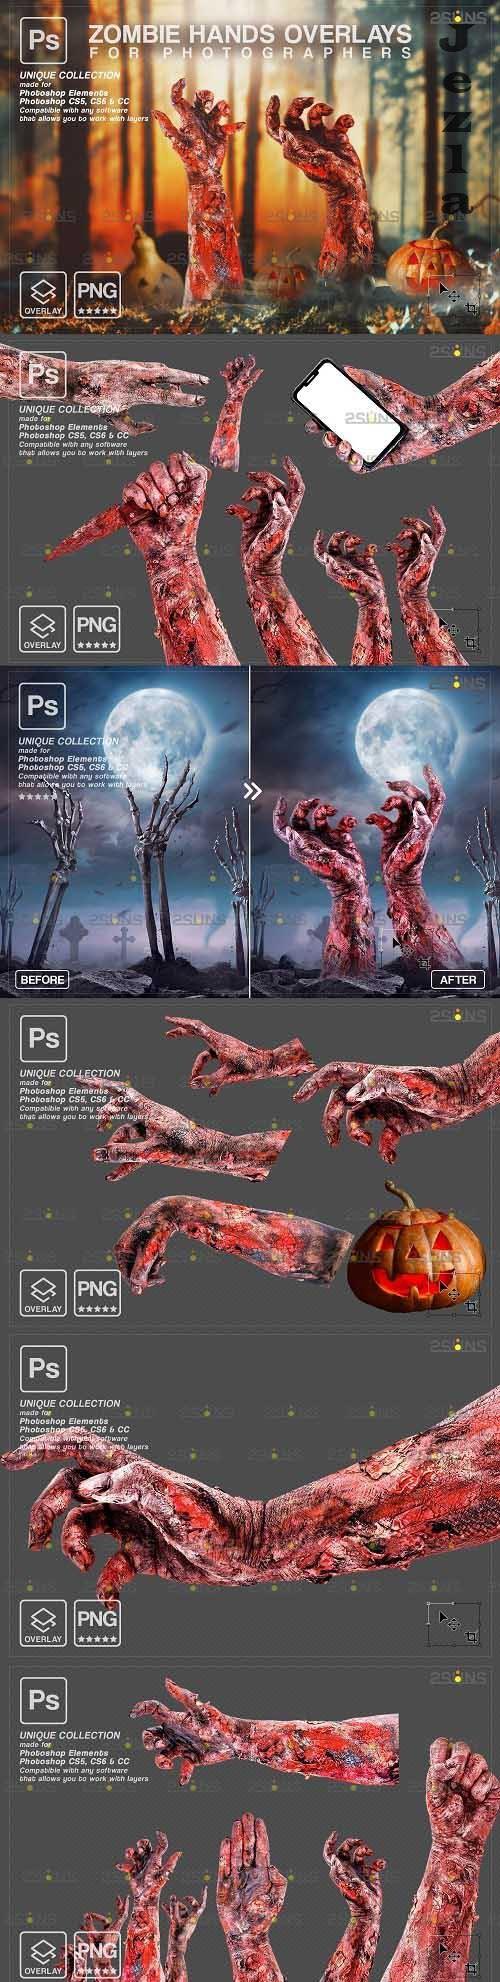 Halloween photo overlay & Halloween clipart: Zombie hands - 1584013